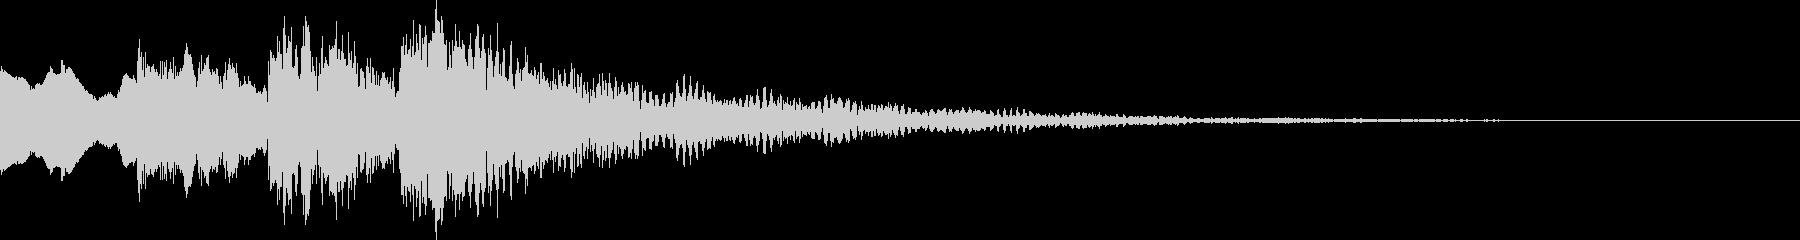 決定音/ボタン音/選択音/正解音 14の未再生の波形